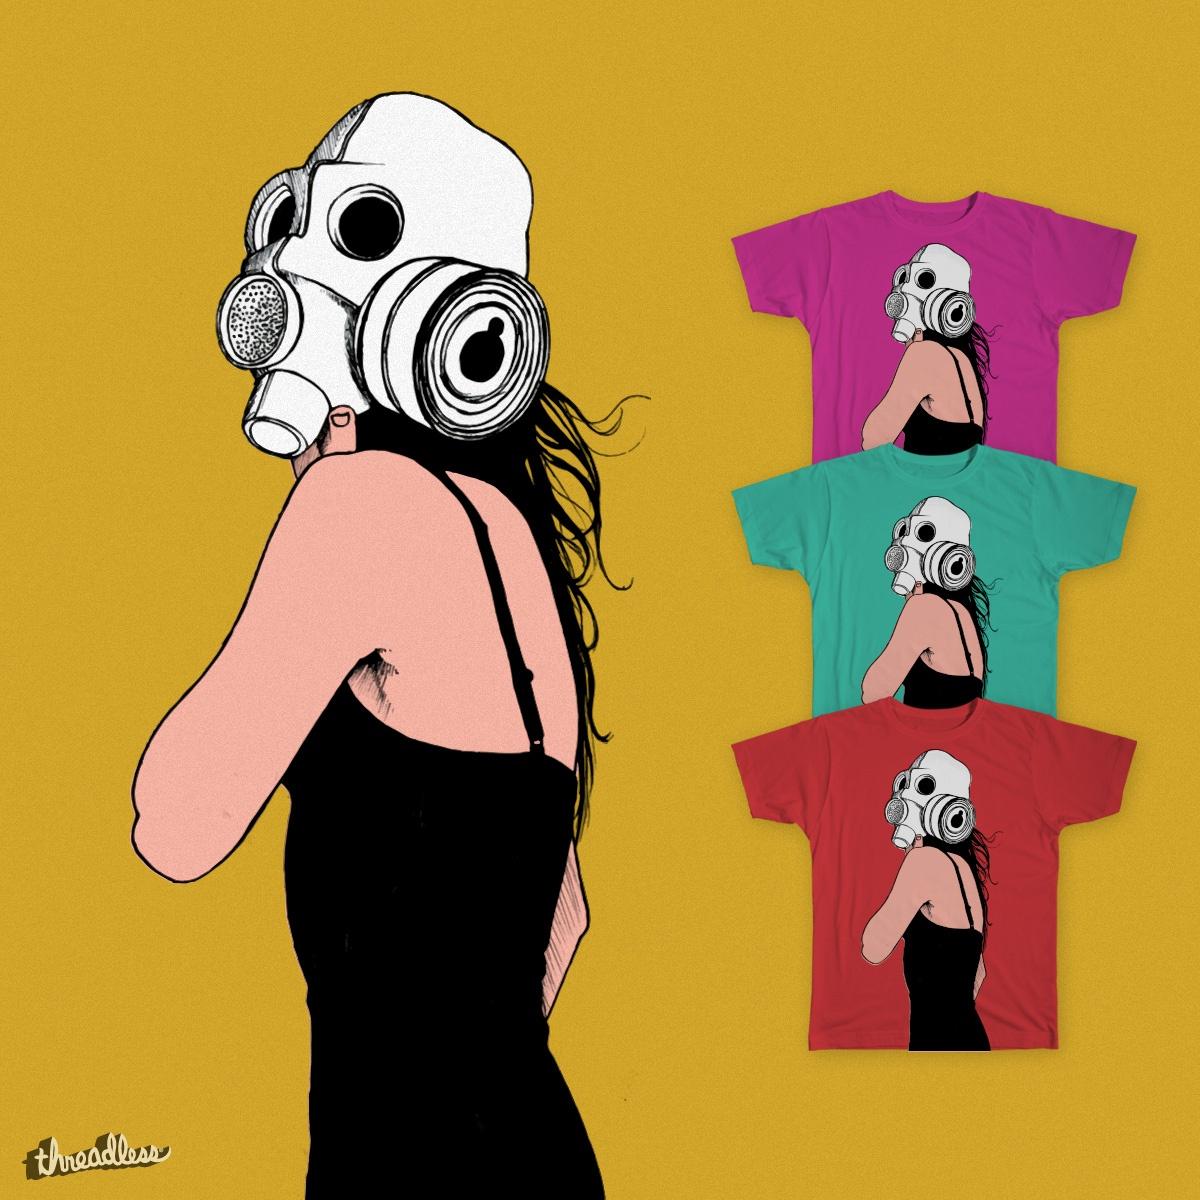 Radioactive by MariMihai on Threadless